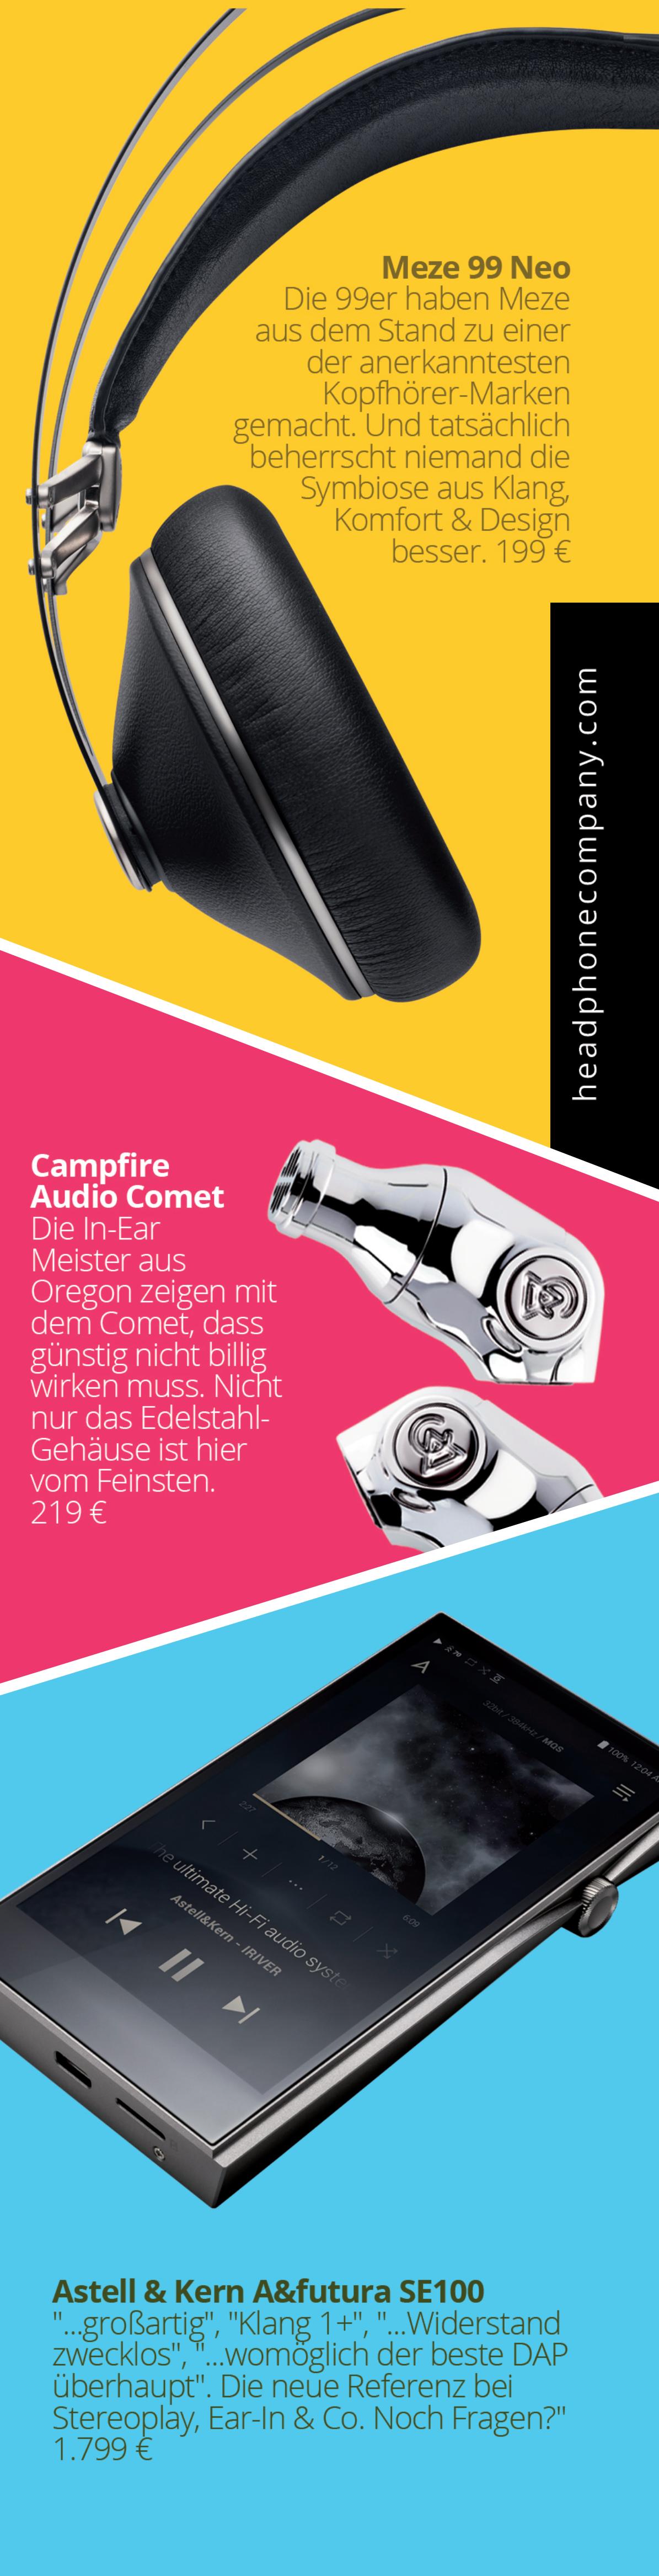 Ad Page Design 2